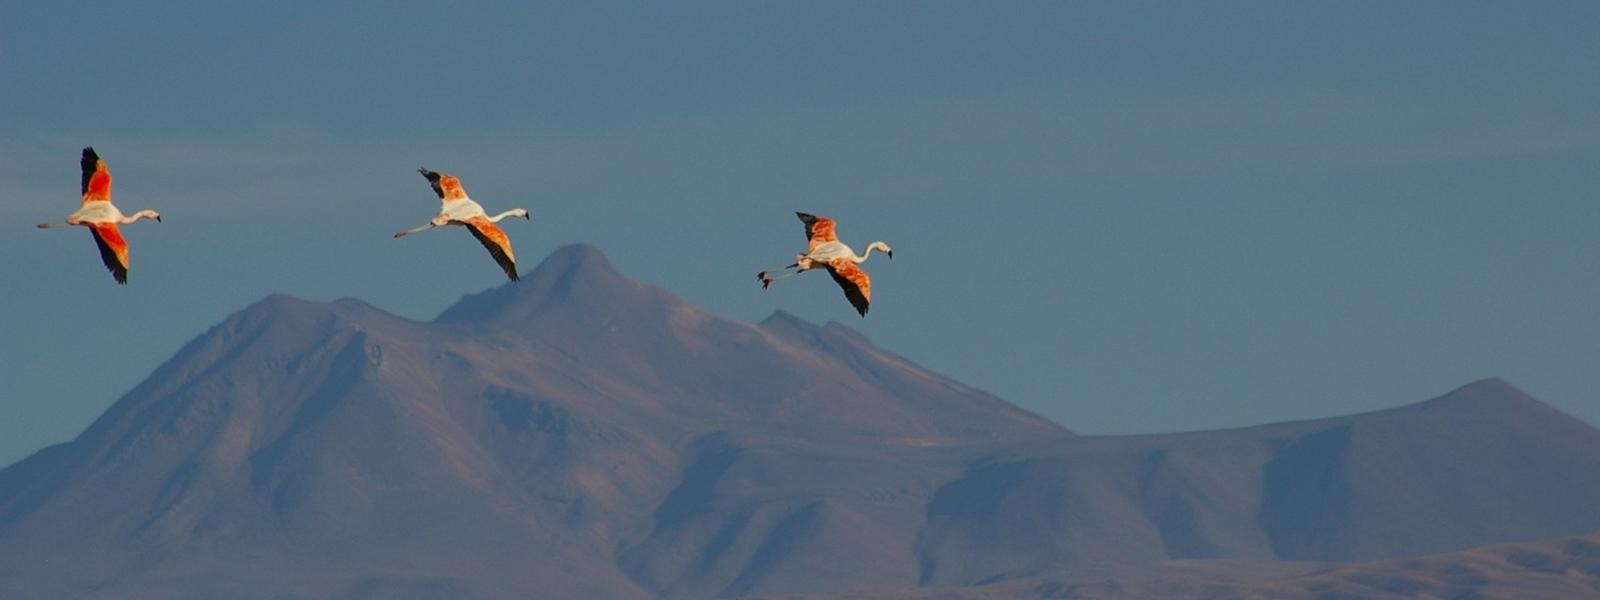 flamants en vol sur fonds de cordillère des Andes